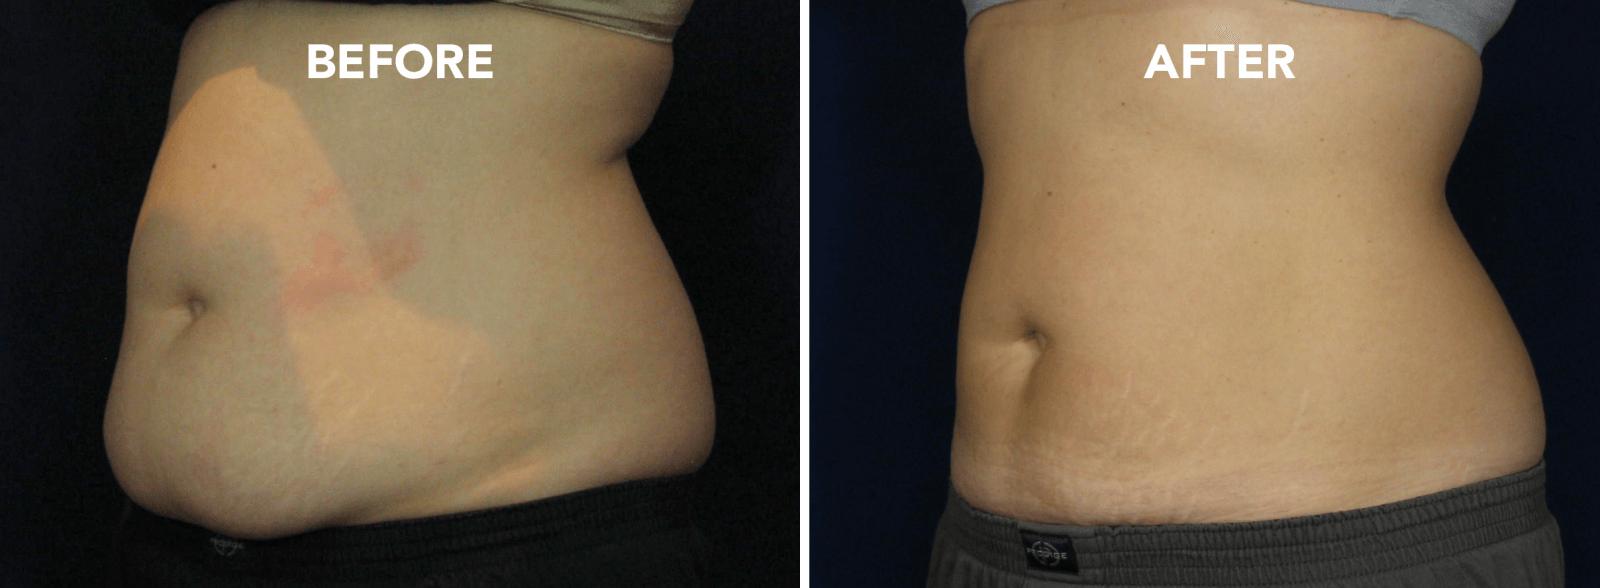 Coolsculpting: Before/After Photos | DermMedica